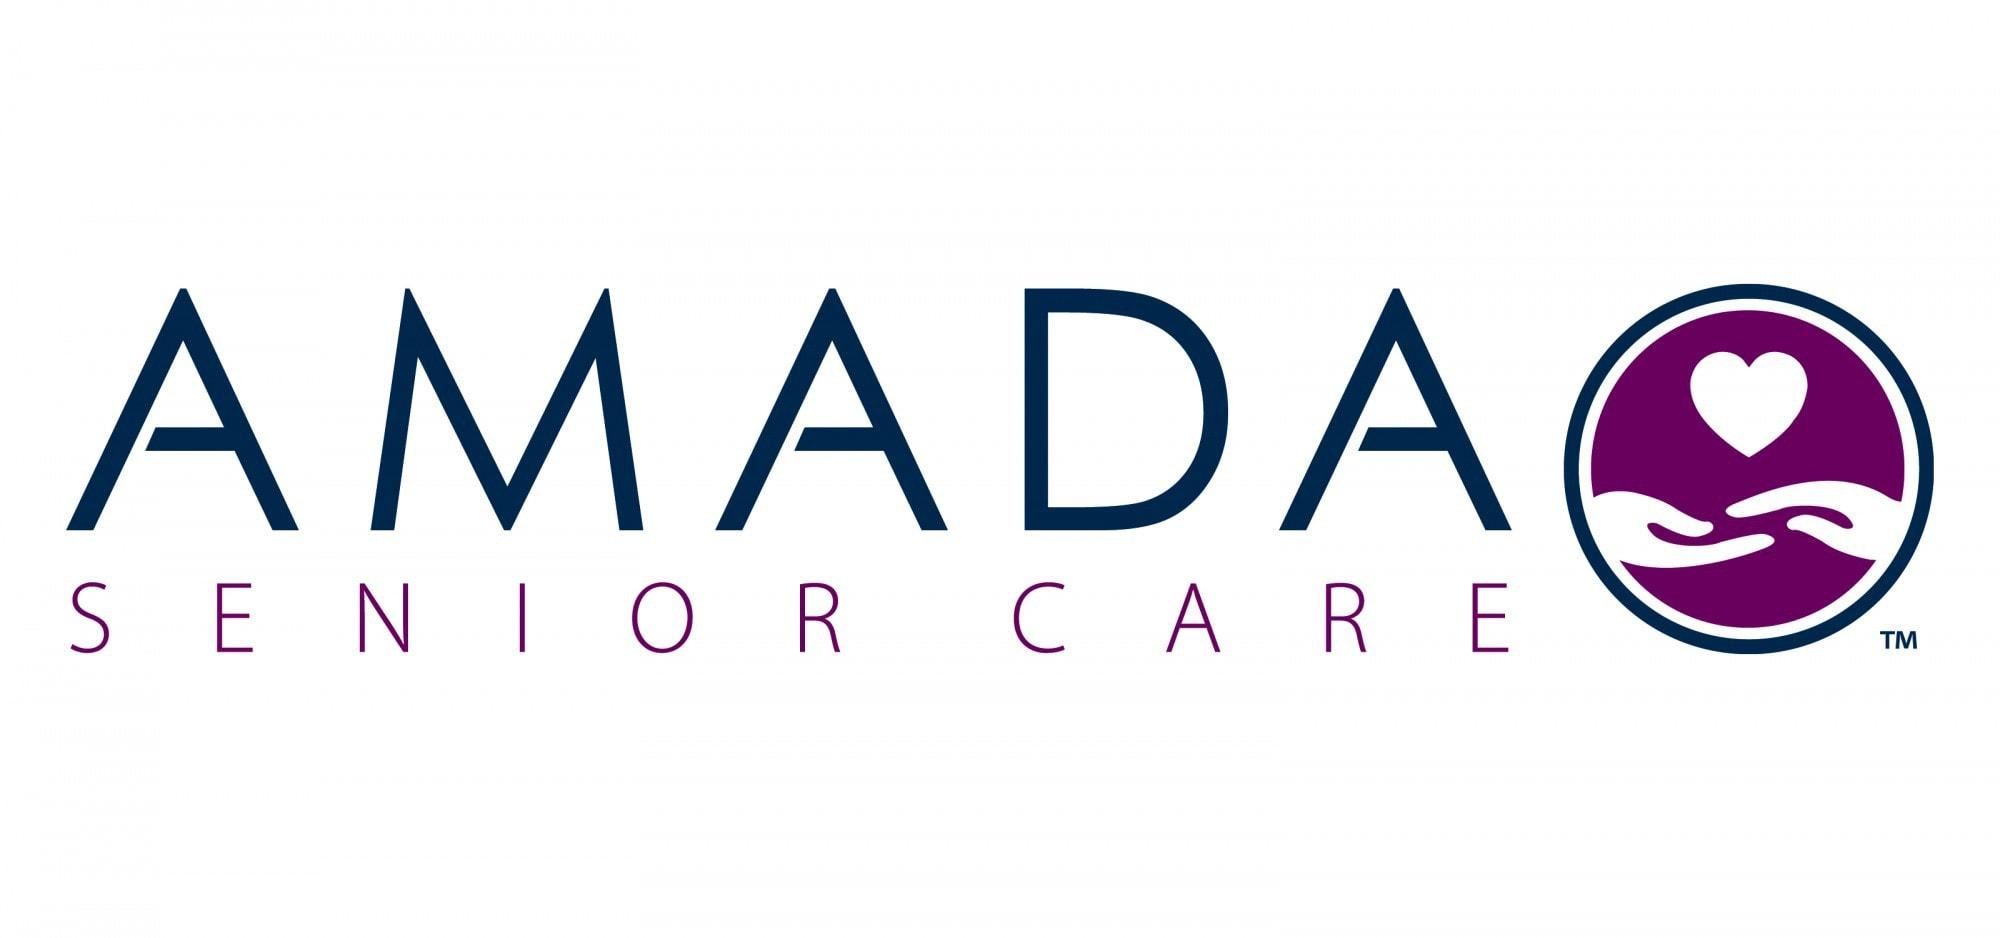 AMADA_Logo_2color_PMS539C_PMS222C